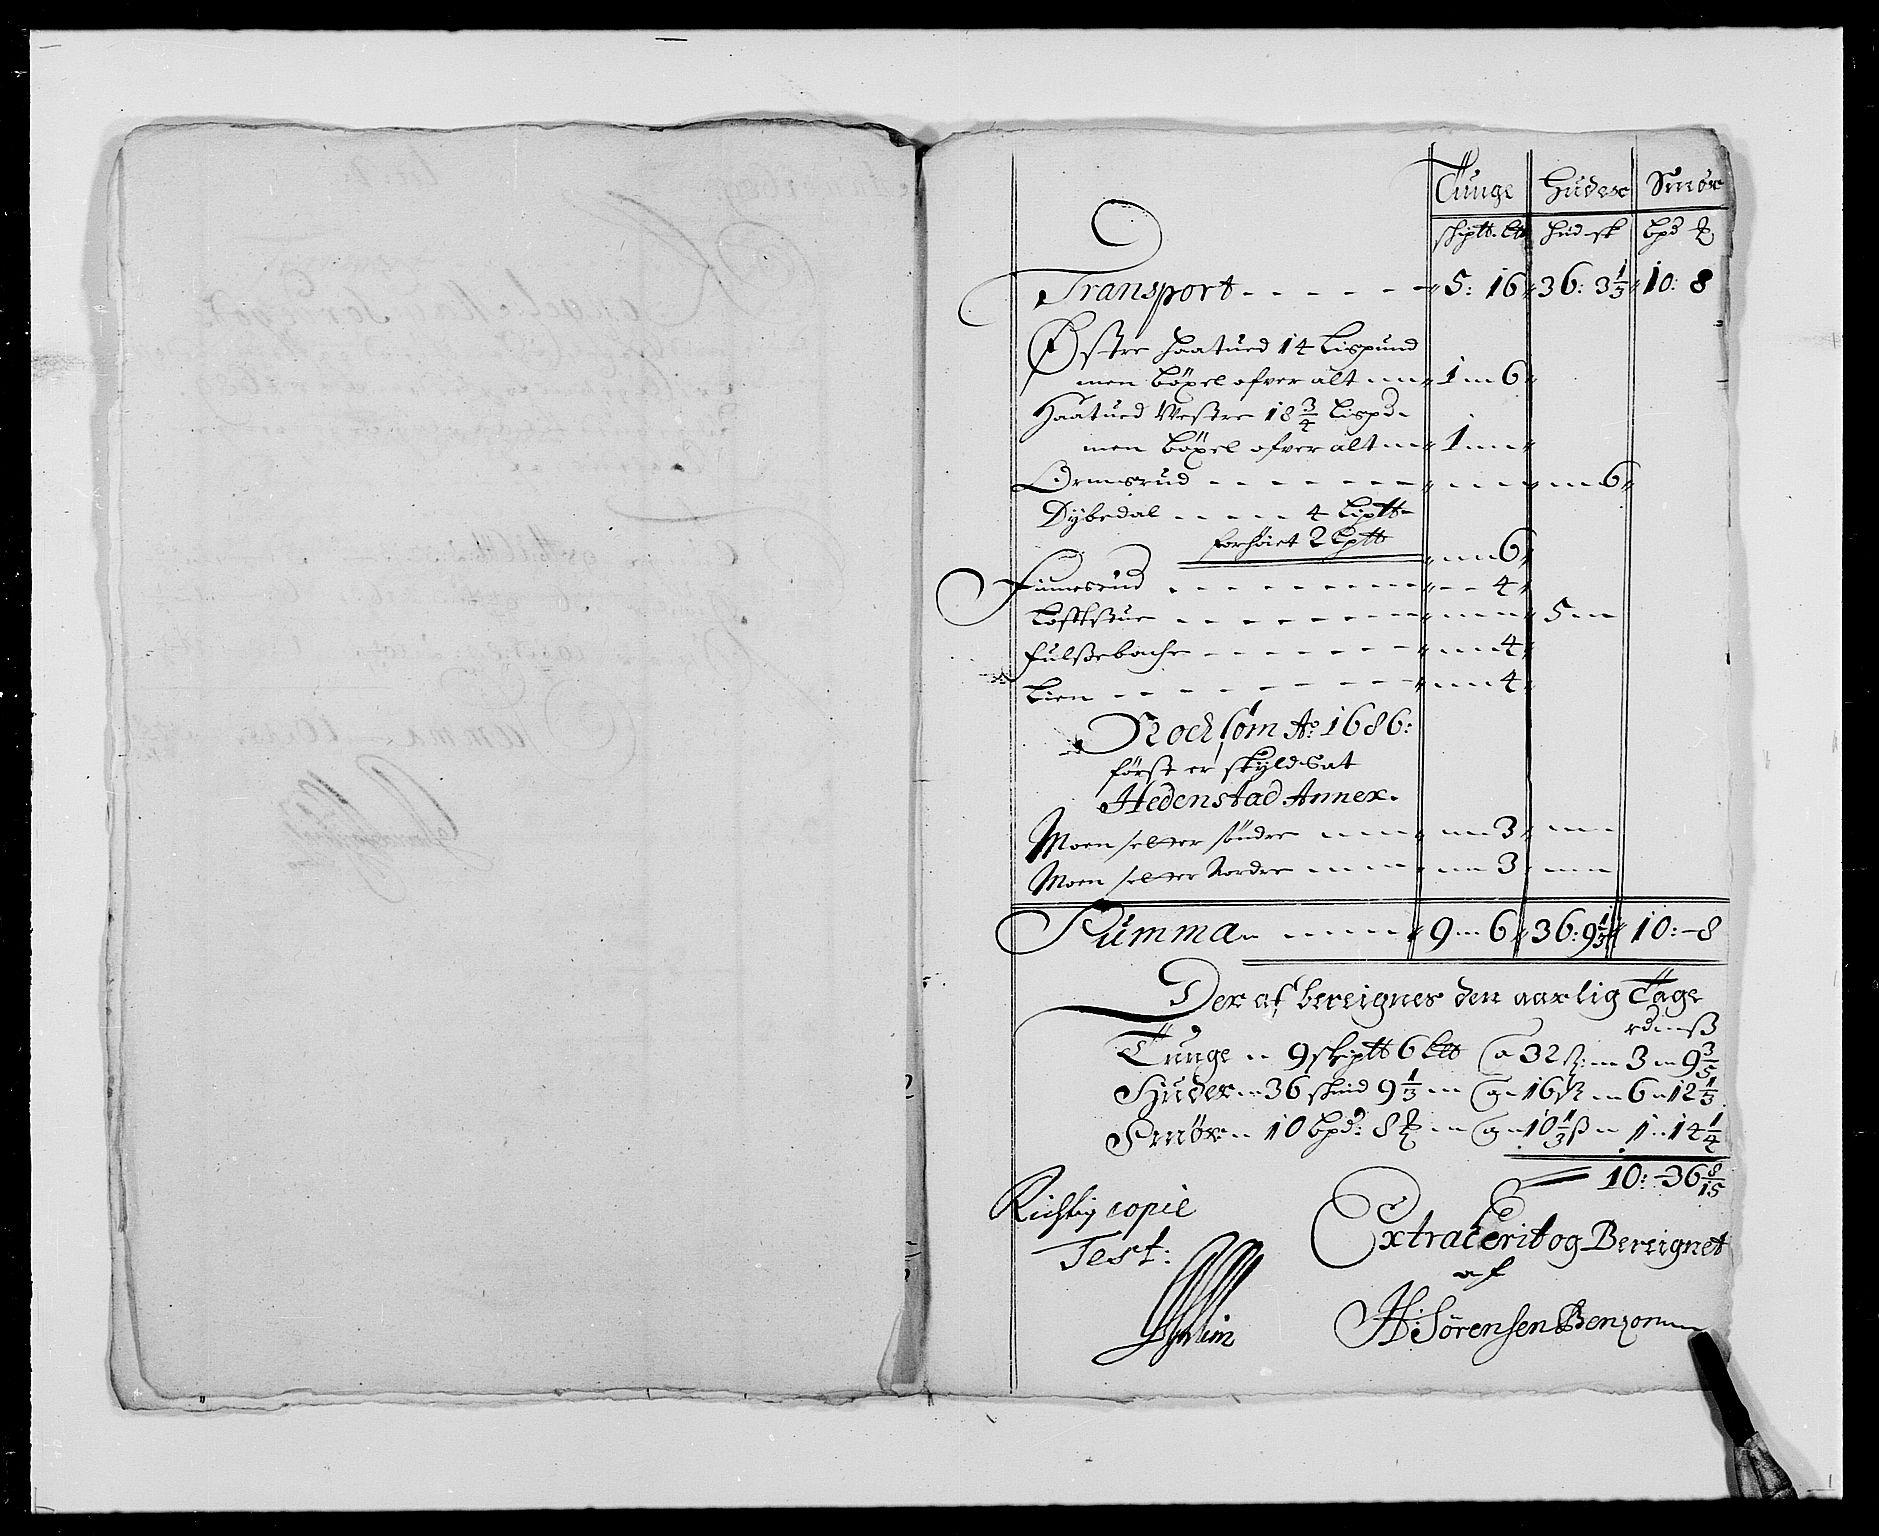 RA, Rentekammeret inntil 1814, Reviderte regnskaper, Fogderegnskap, R24/L1573: Fogderegnskap Numedal og Sandsvær, 1687-1691, s. 376